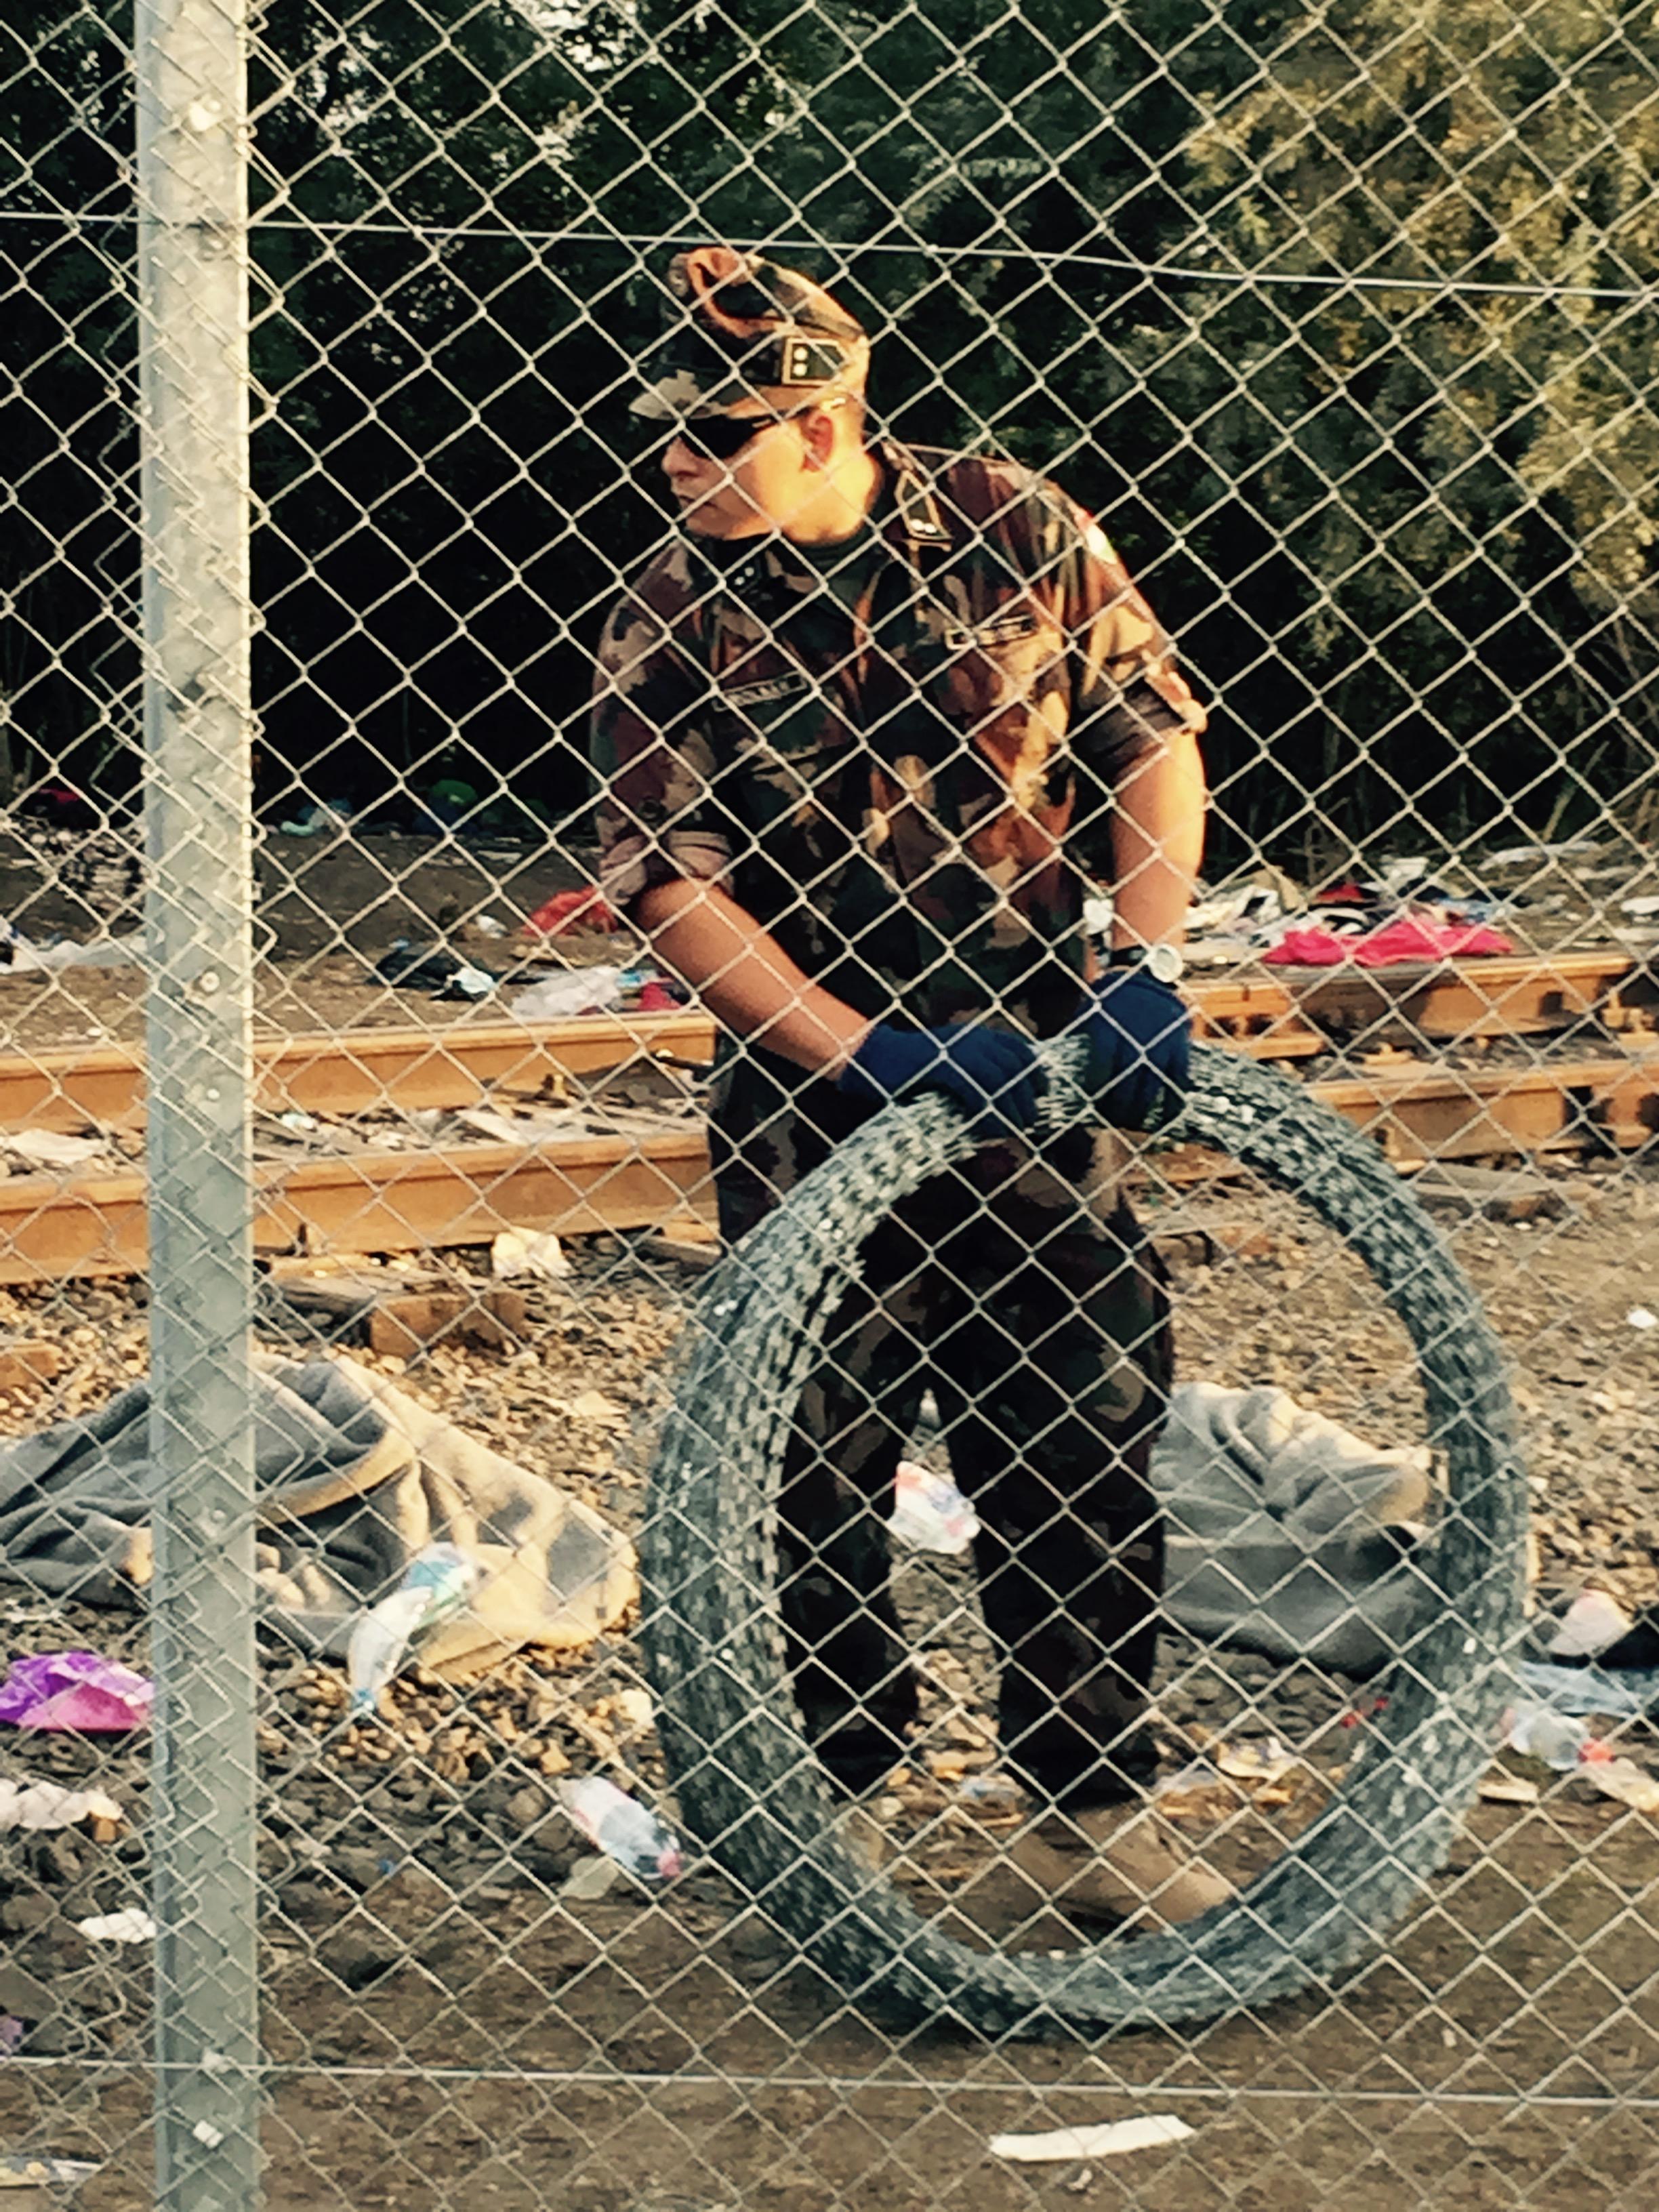 1. Razor Wire